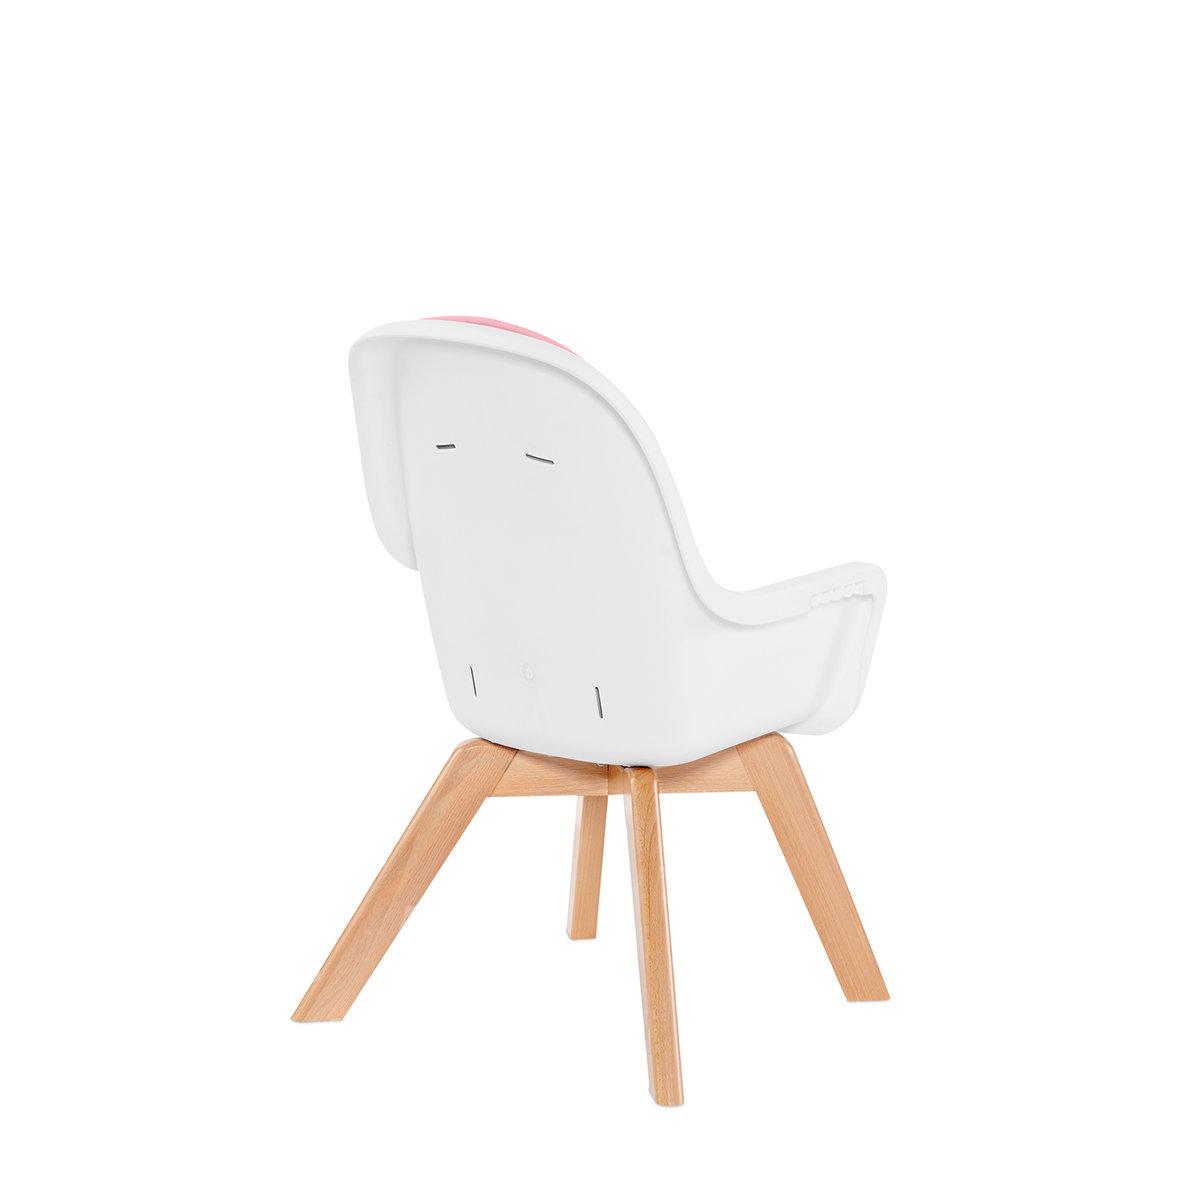 Krzesełko do karmienia Kinderkraft TIXI 2w1 drewno + gratis